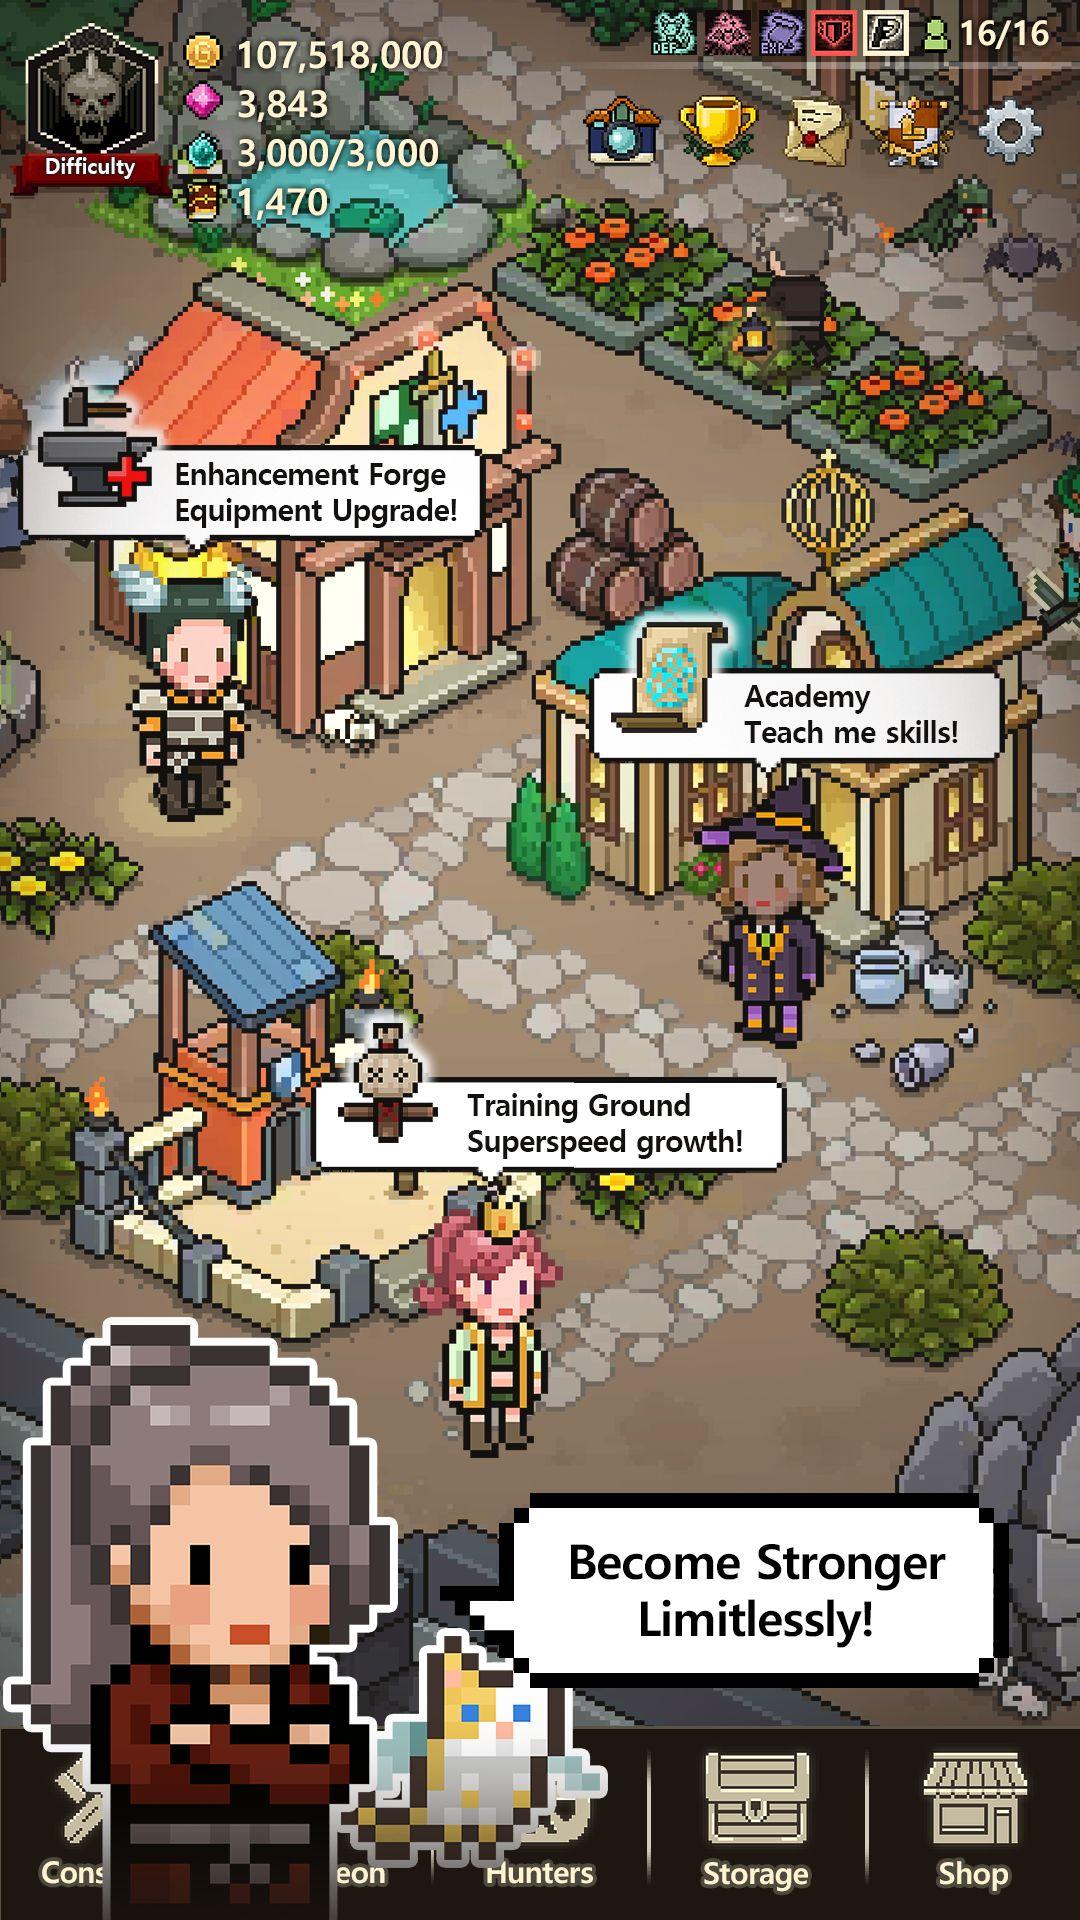 Evil Hunter Tycoon capture d'écran 1